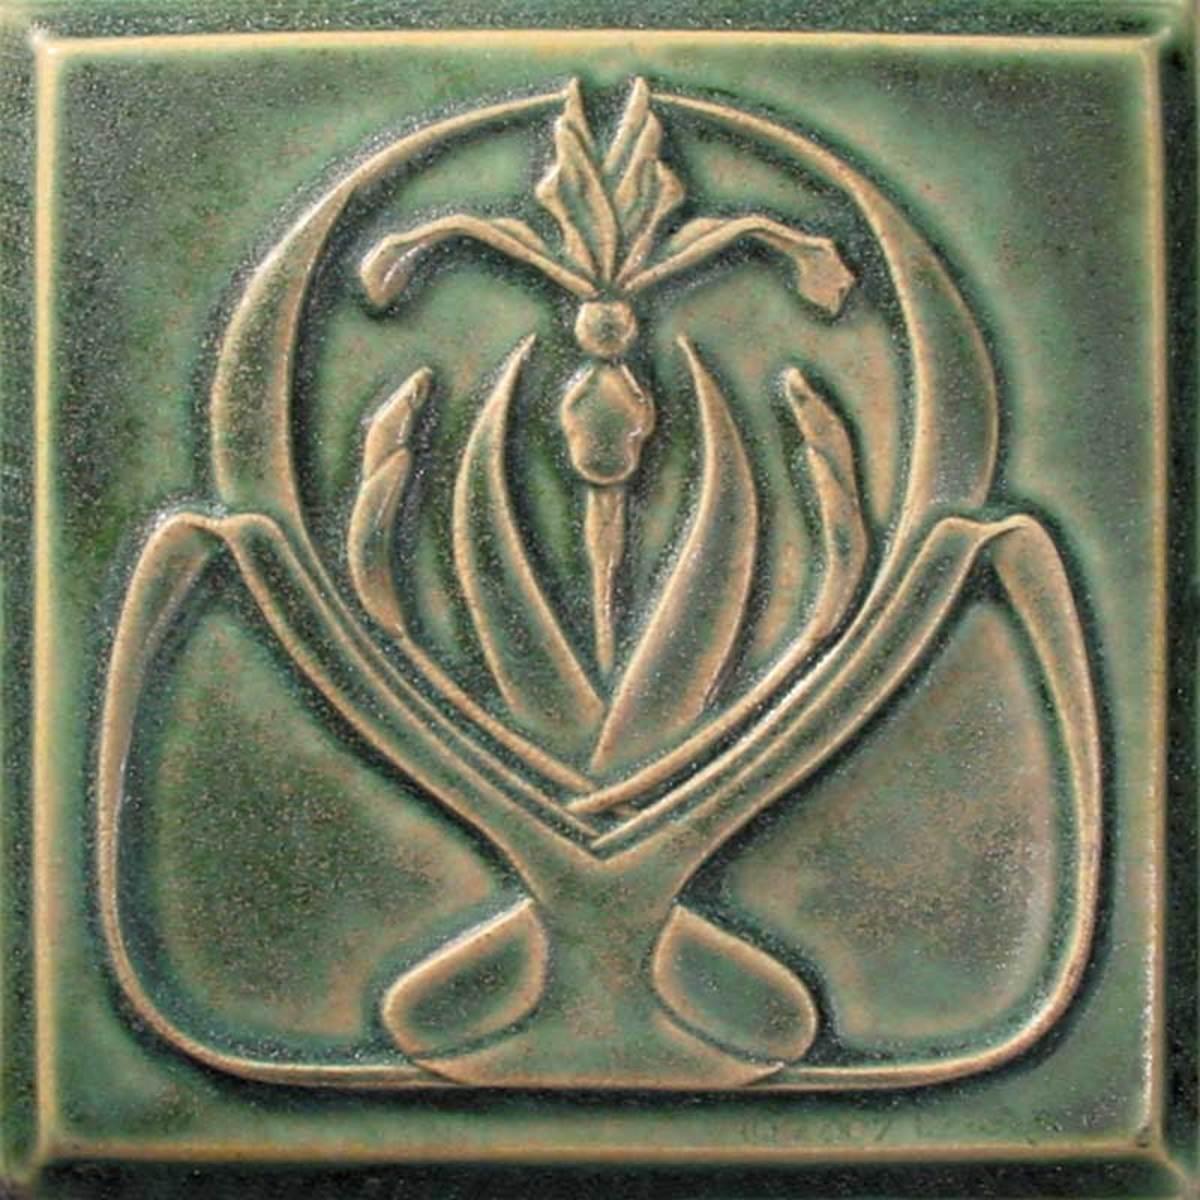 Art Nouveau 'Wild Iris' porcelain tile